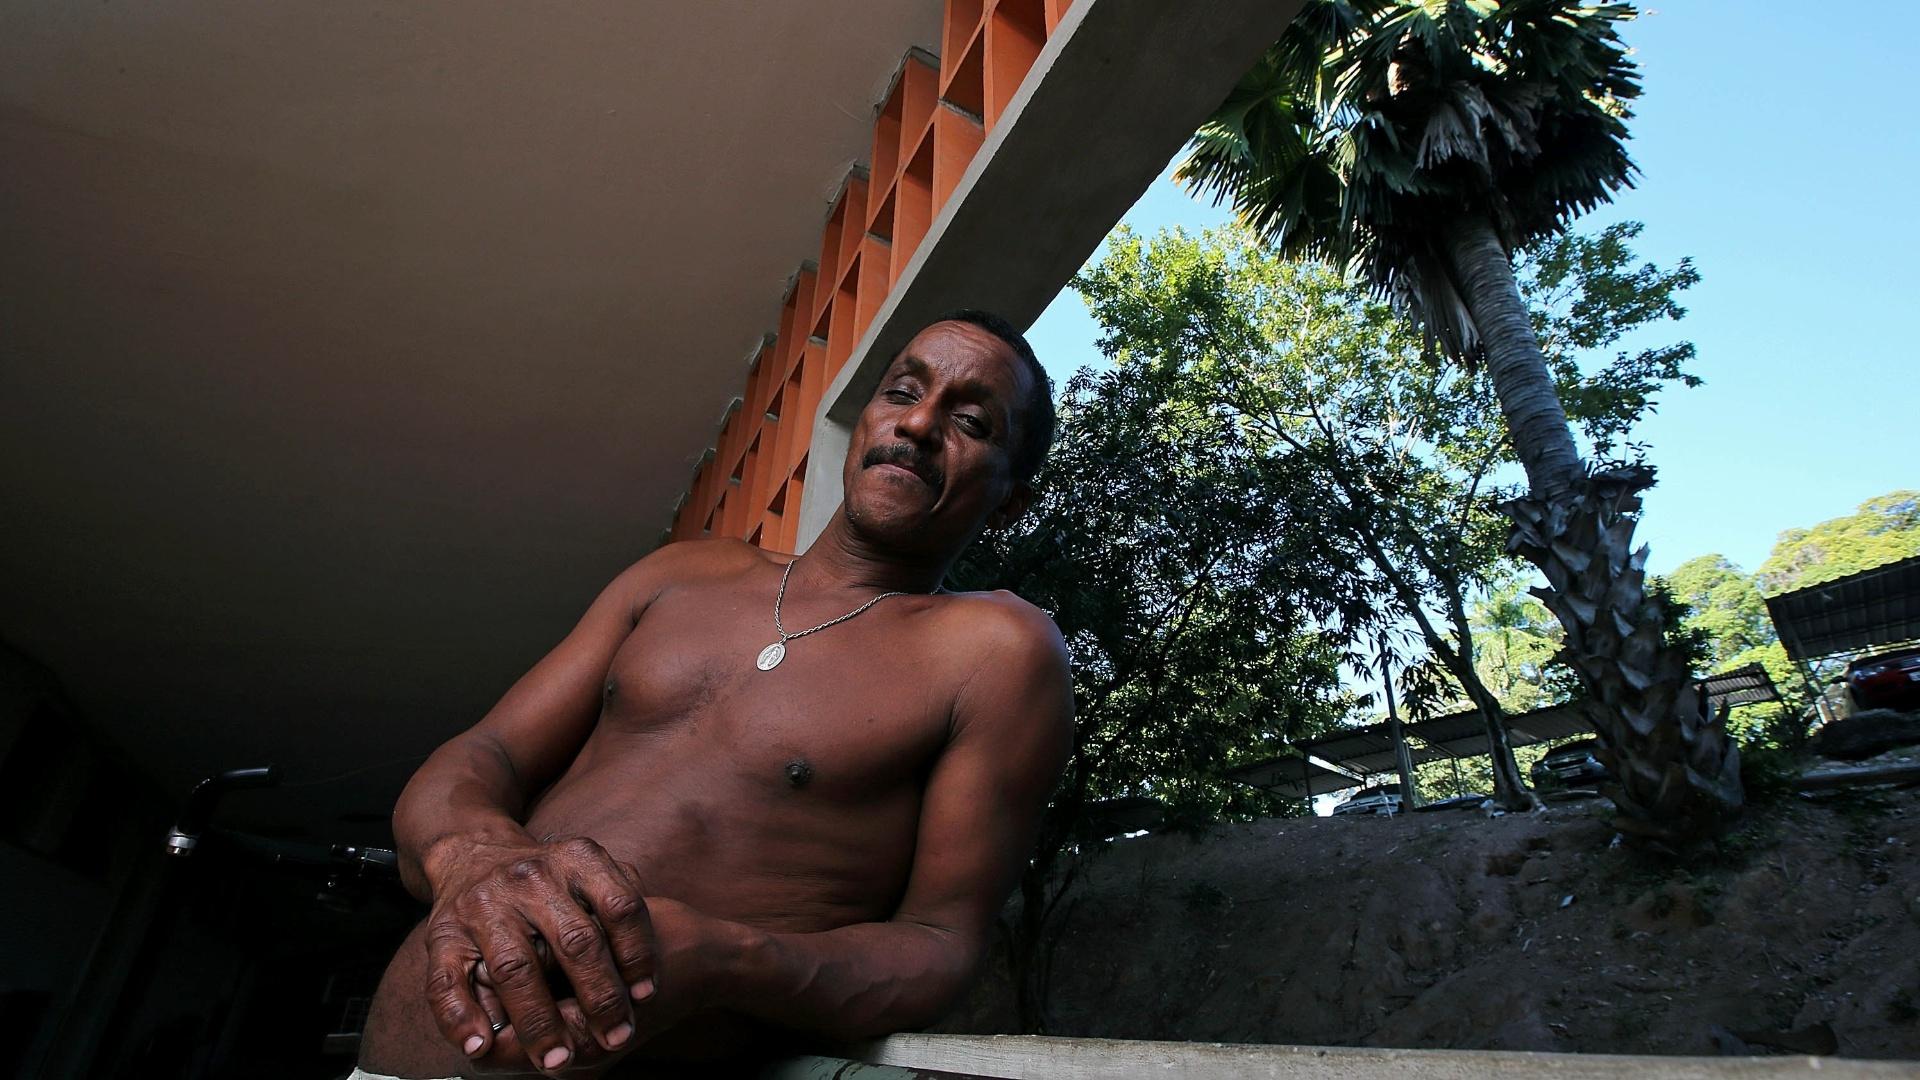 27.mai.2015 - O pintor de carros Carlos Soares, 49, mora em uma quitinete no primeiro andar do Pedregulho com o pai e um irmão. O pai, funcionário público aposentado, plantou uma palmeira imperial que chama a atenção na encosta em frente ao apartamento.